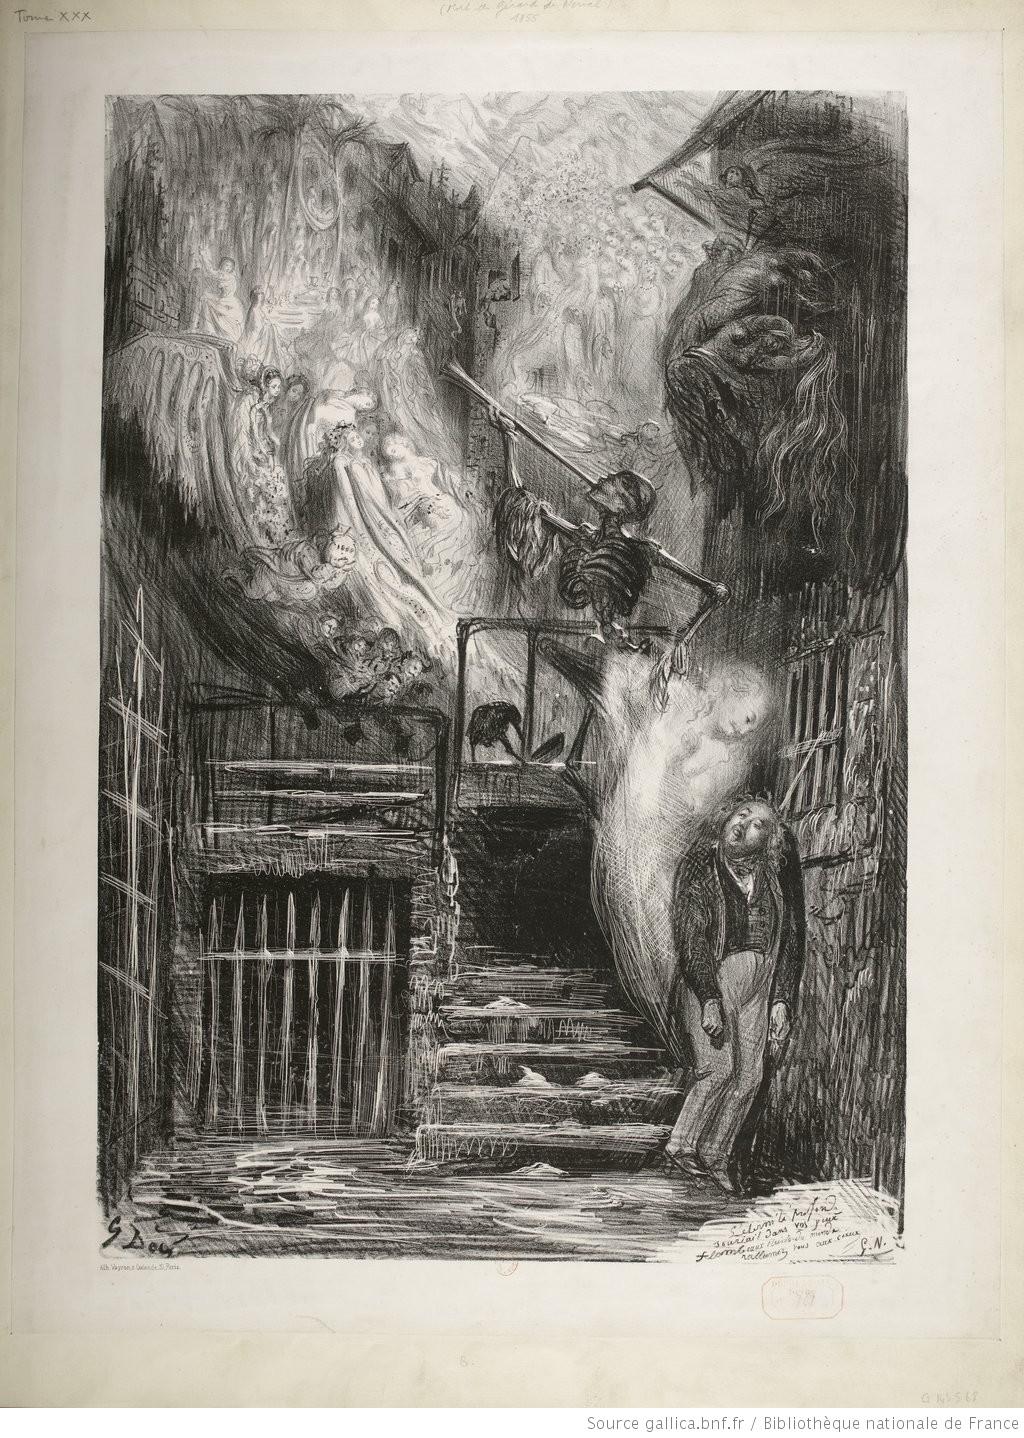 Allégorie sur la mort de Gérard de Nerval, estampe par Gustave Doré